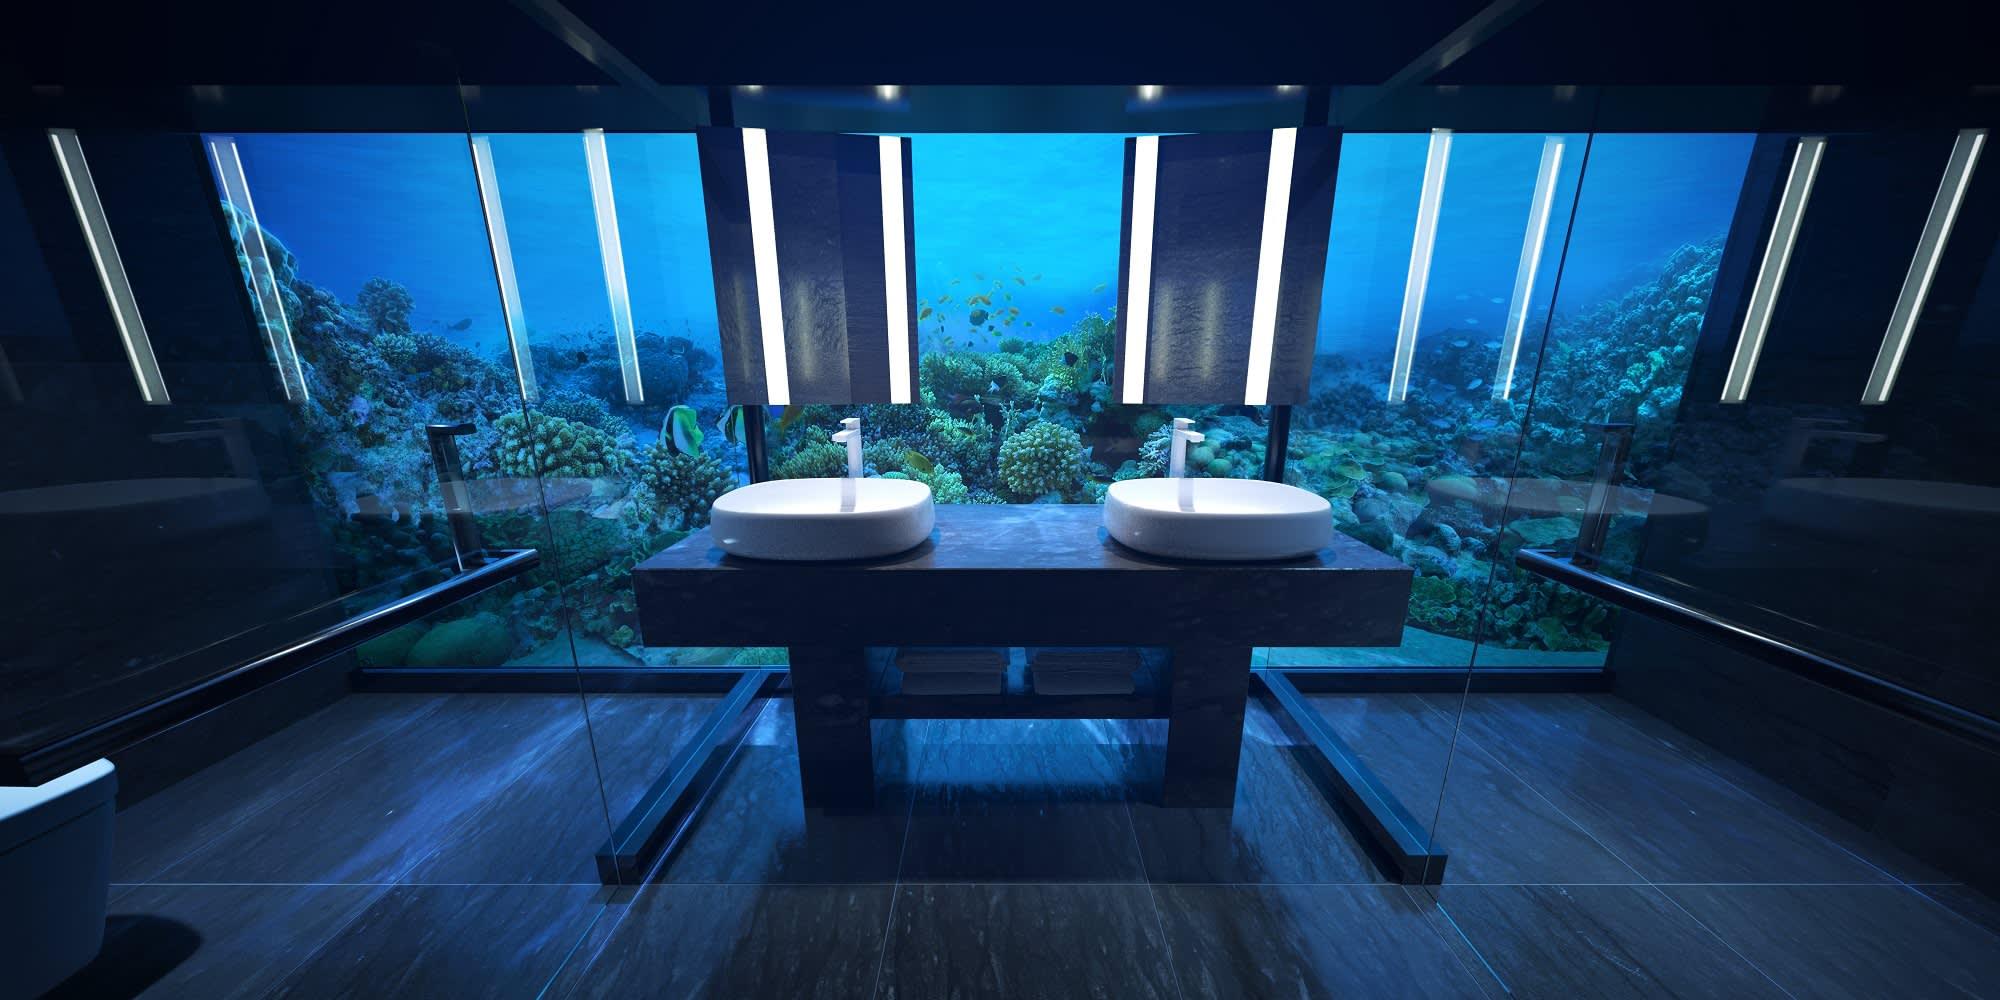 Photos Worldu0027s first glass underwater hotel